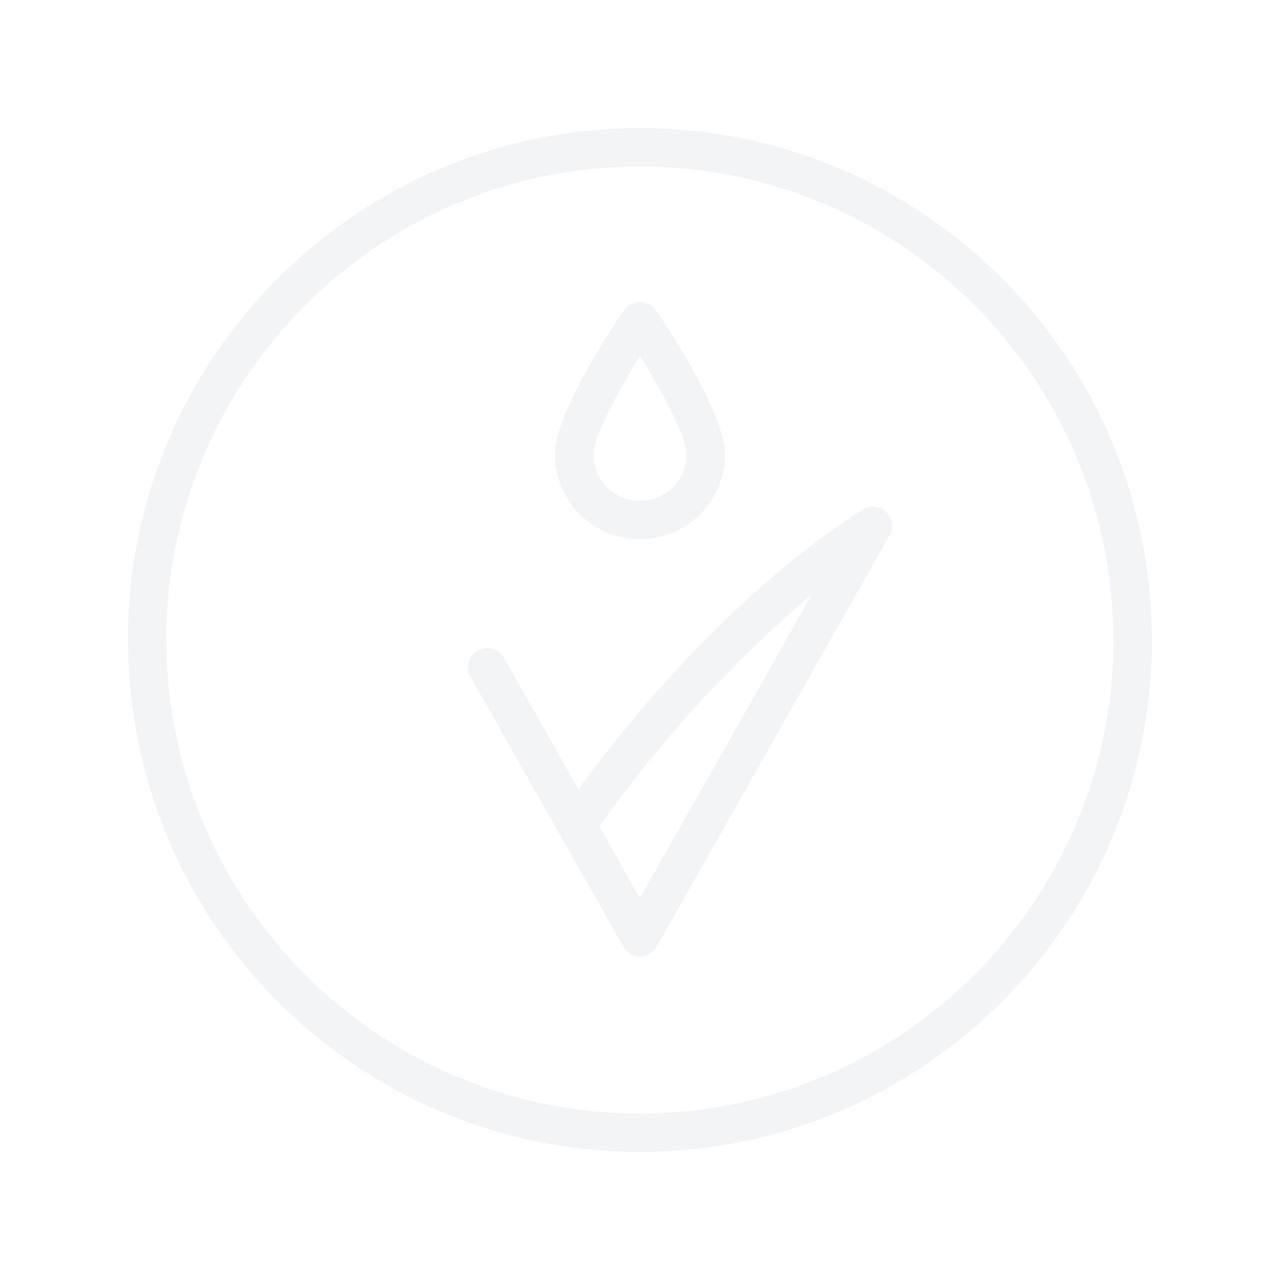 Versace Man Eau Fraiche 50ml Eau De Toilette Gift Set